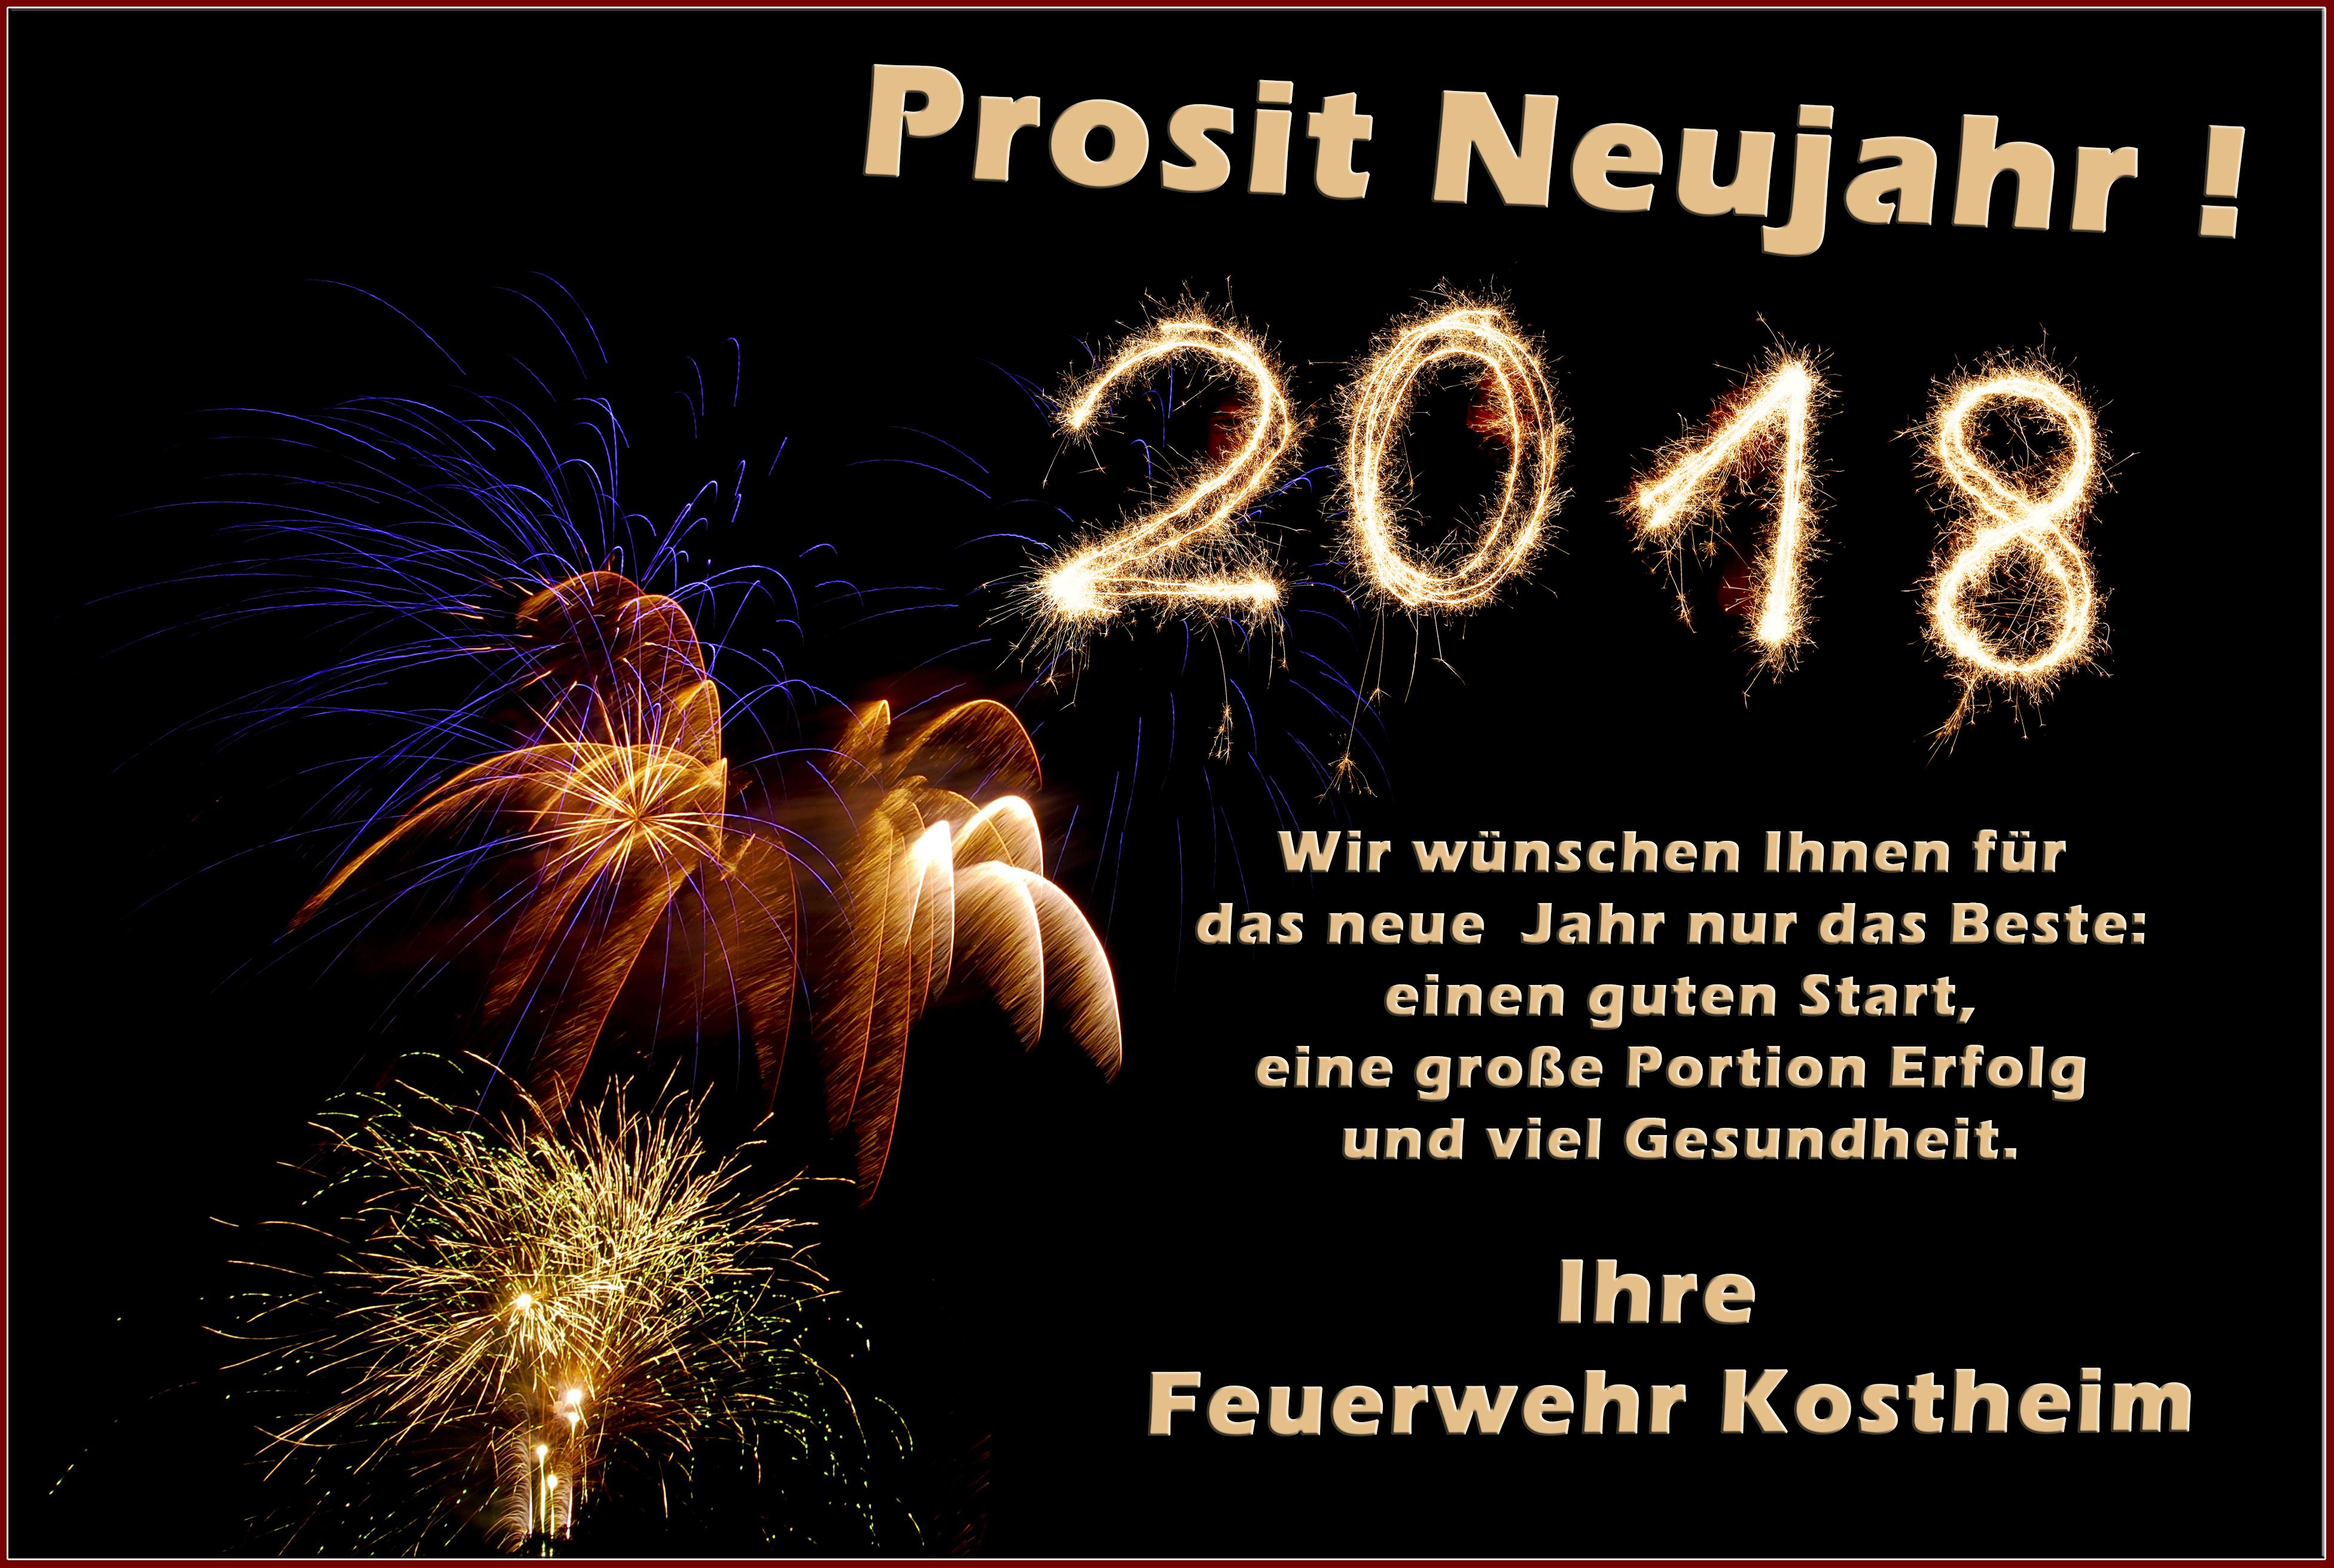 Kostheimer Feuerwehr wünscht allen ein frohes, neues Jahr ...